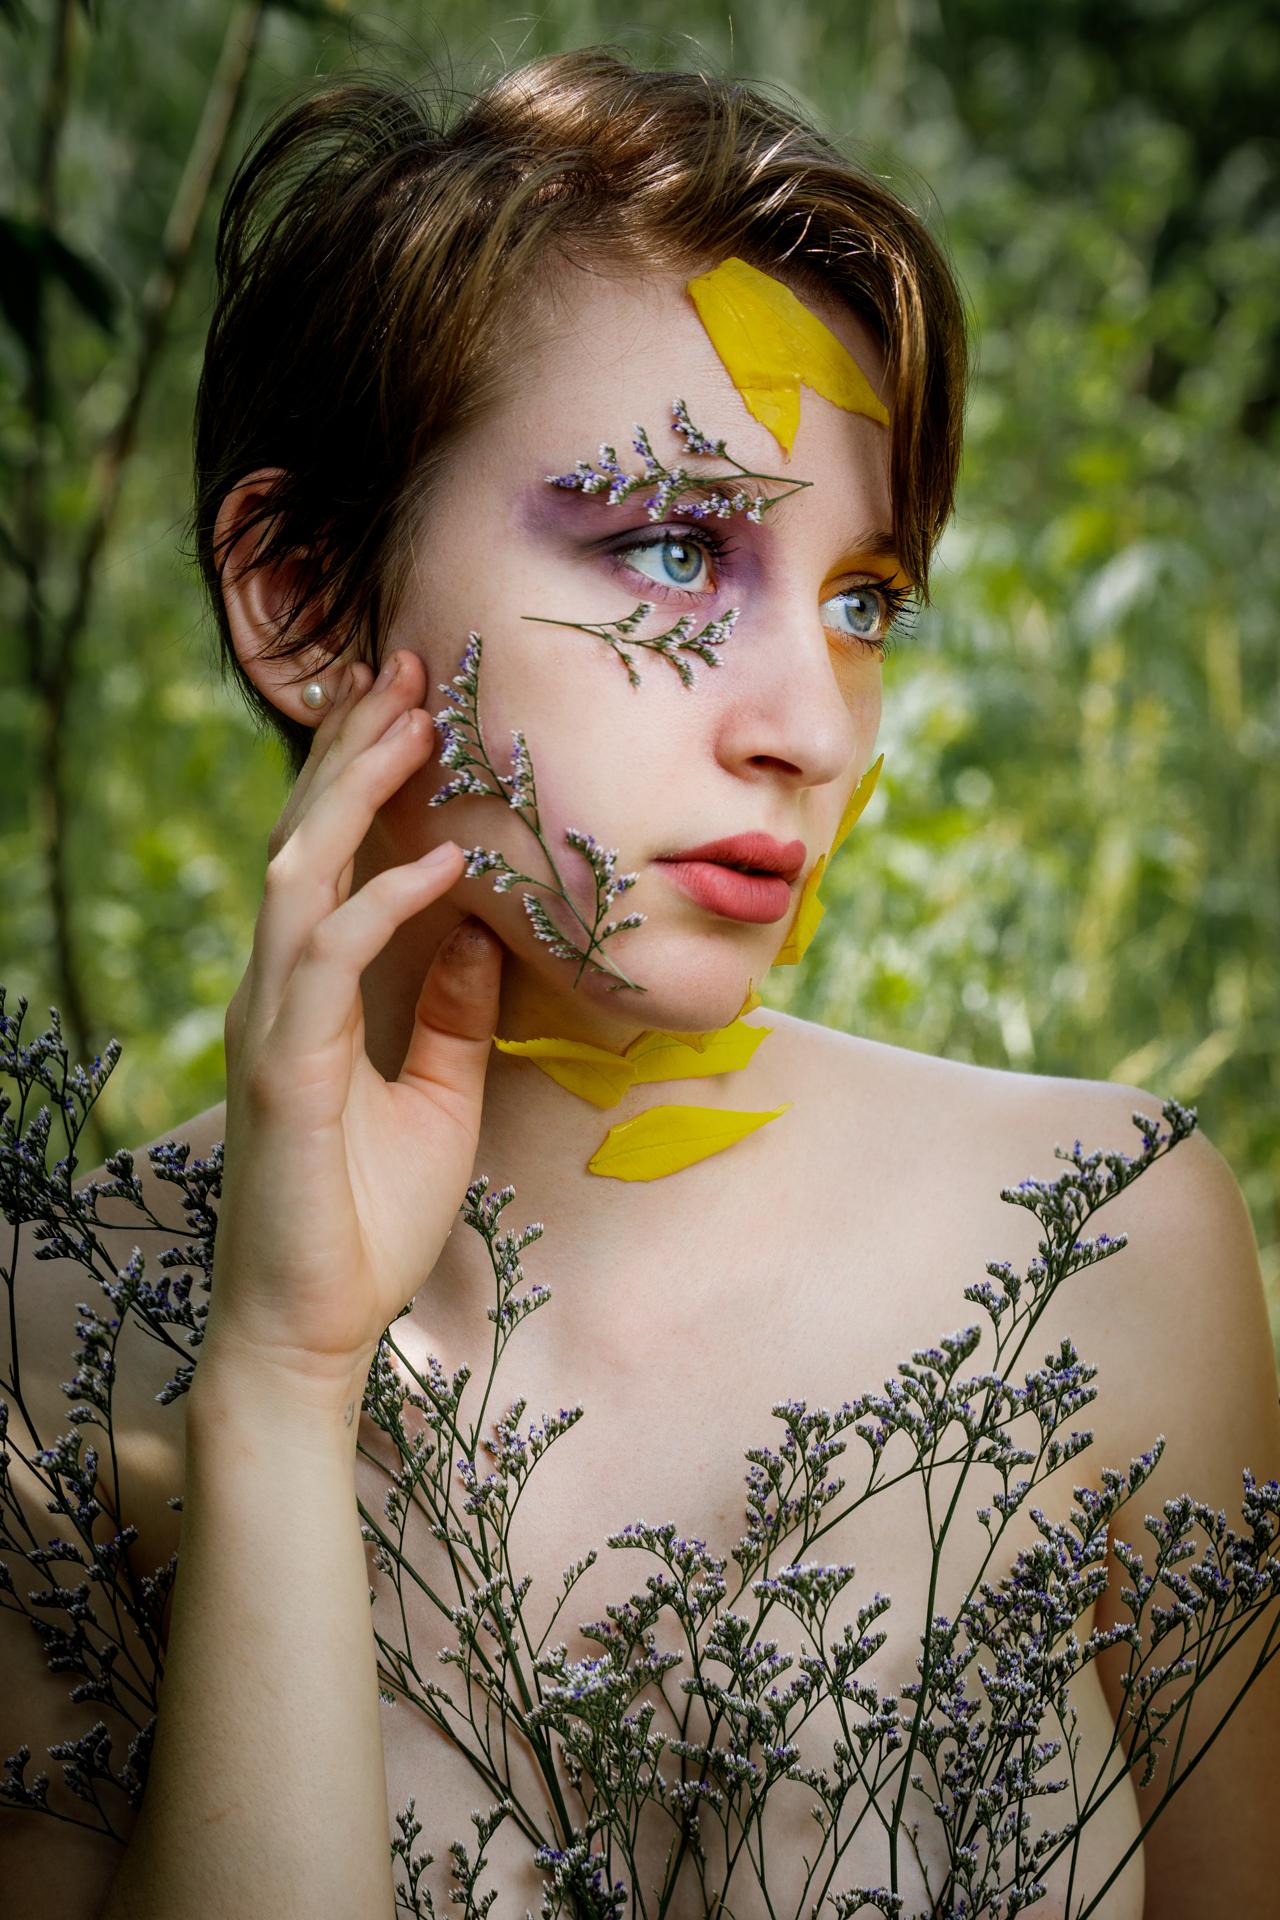 CFrenette-Gabrielle et les fleurs-7-7